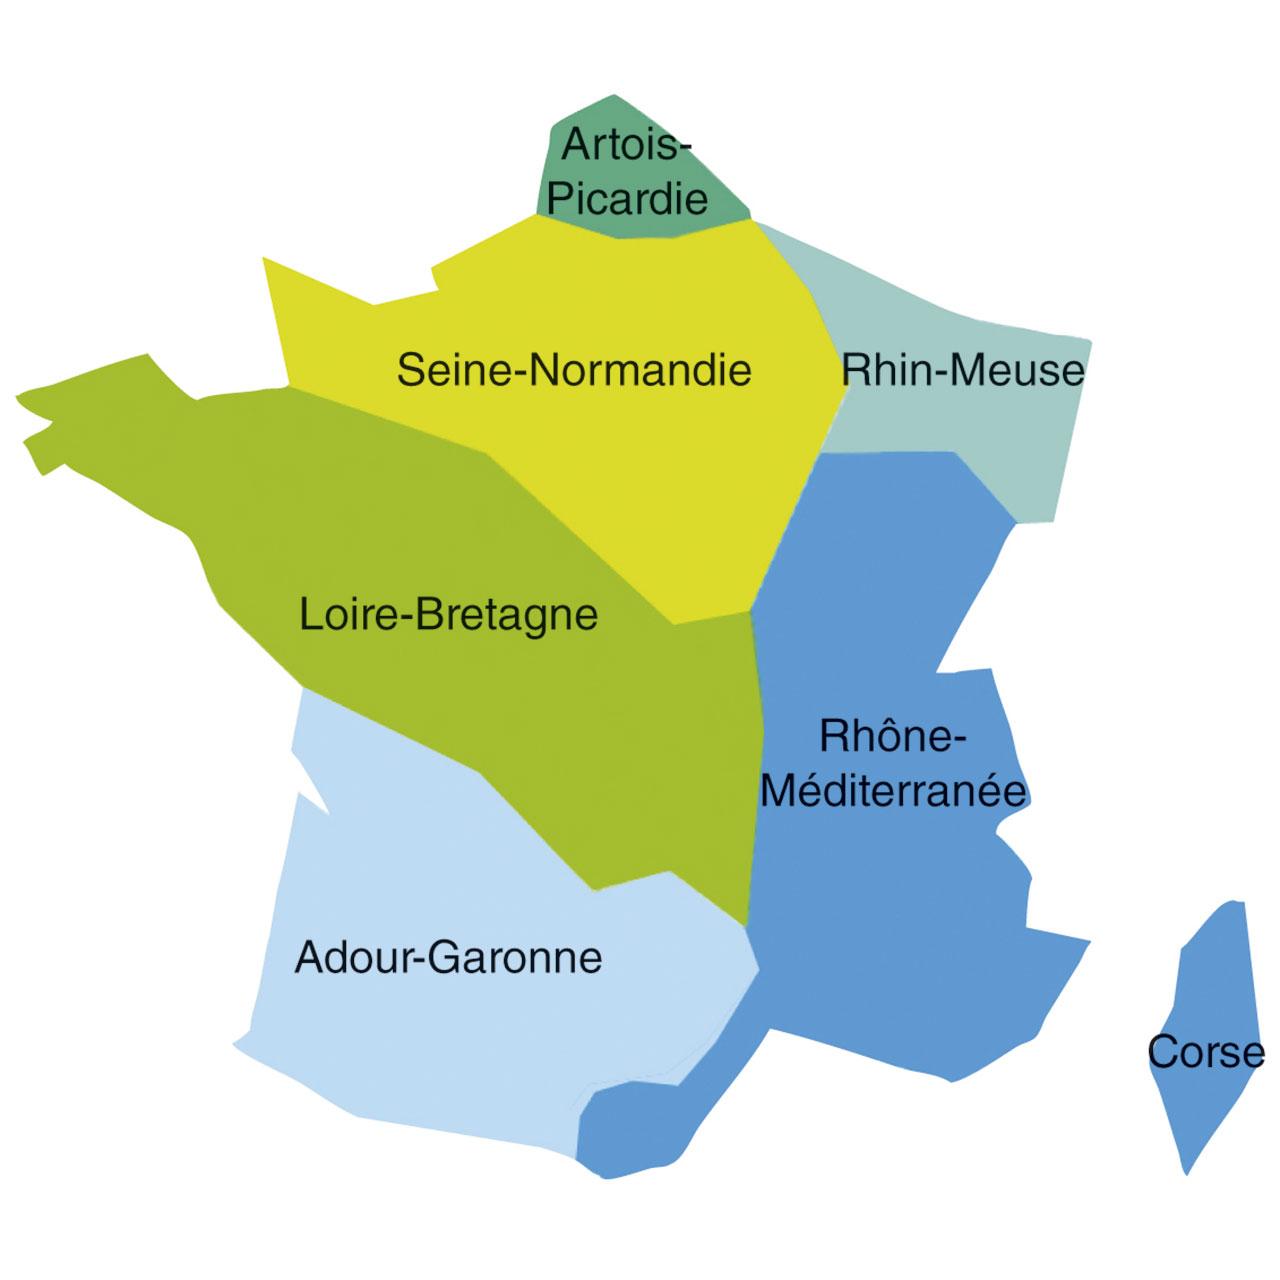 Carte des 6 agences de l'eau en France, qui correspondent aux septs bassins versants : Artois-Picardie, Seine-Normandie, Rhin-Meuse, Loire-Bretagne, Rhône-Méditerranée, Corse, Adour-Garonne